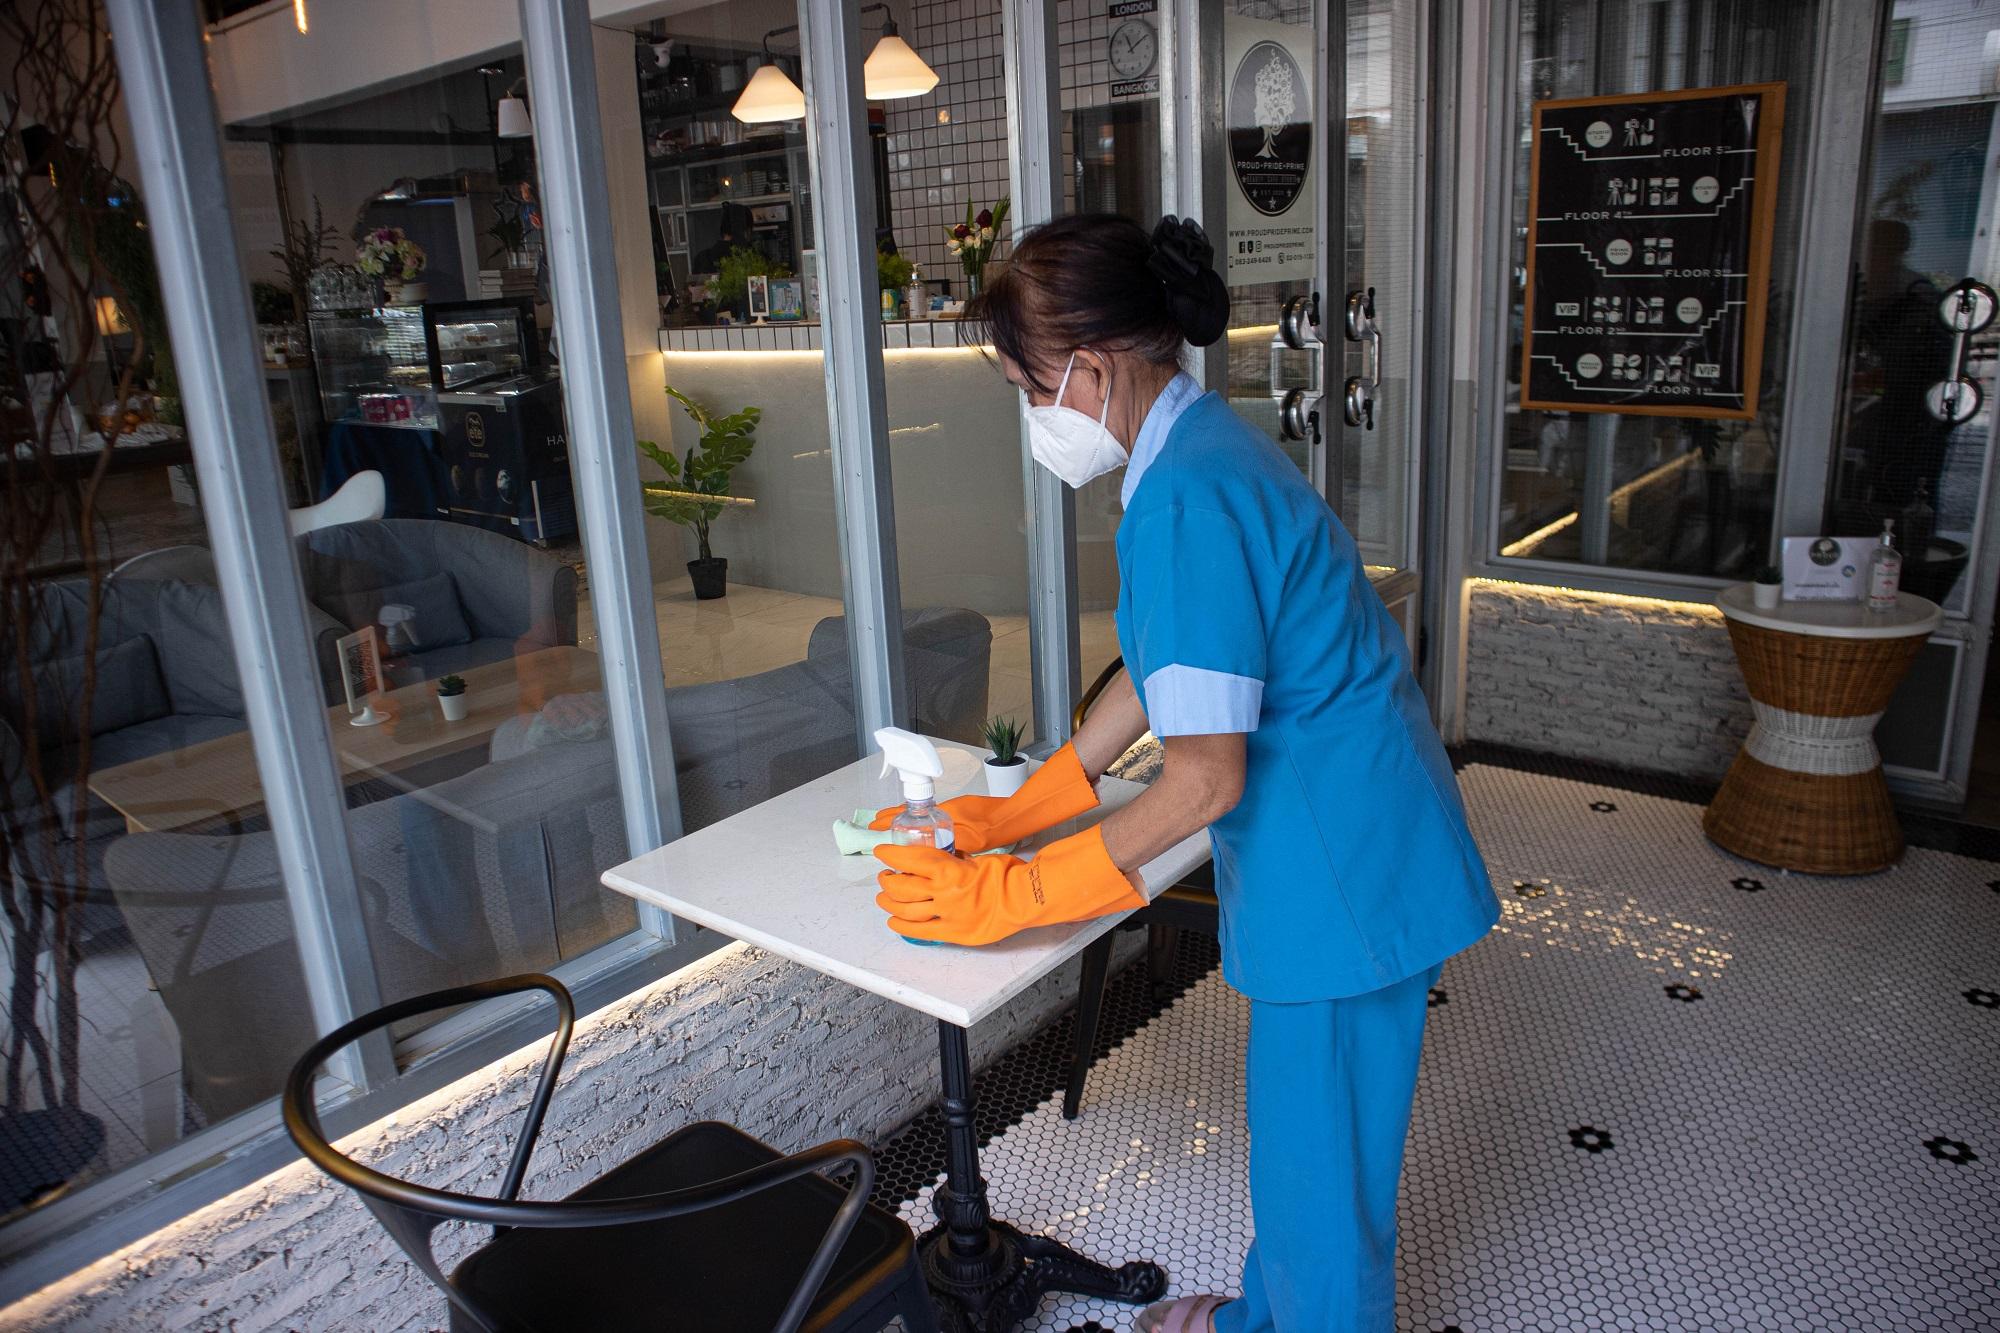 เช็ดทำความสะอาดโต๊ะ เก้าอี้ ด้วยน้ำยาฆ่าเชื้อโรค